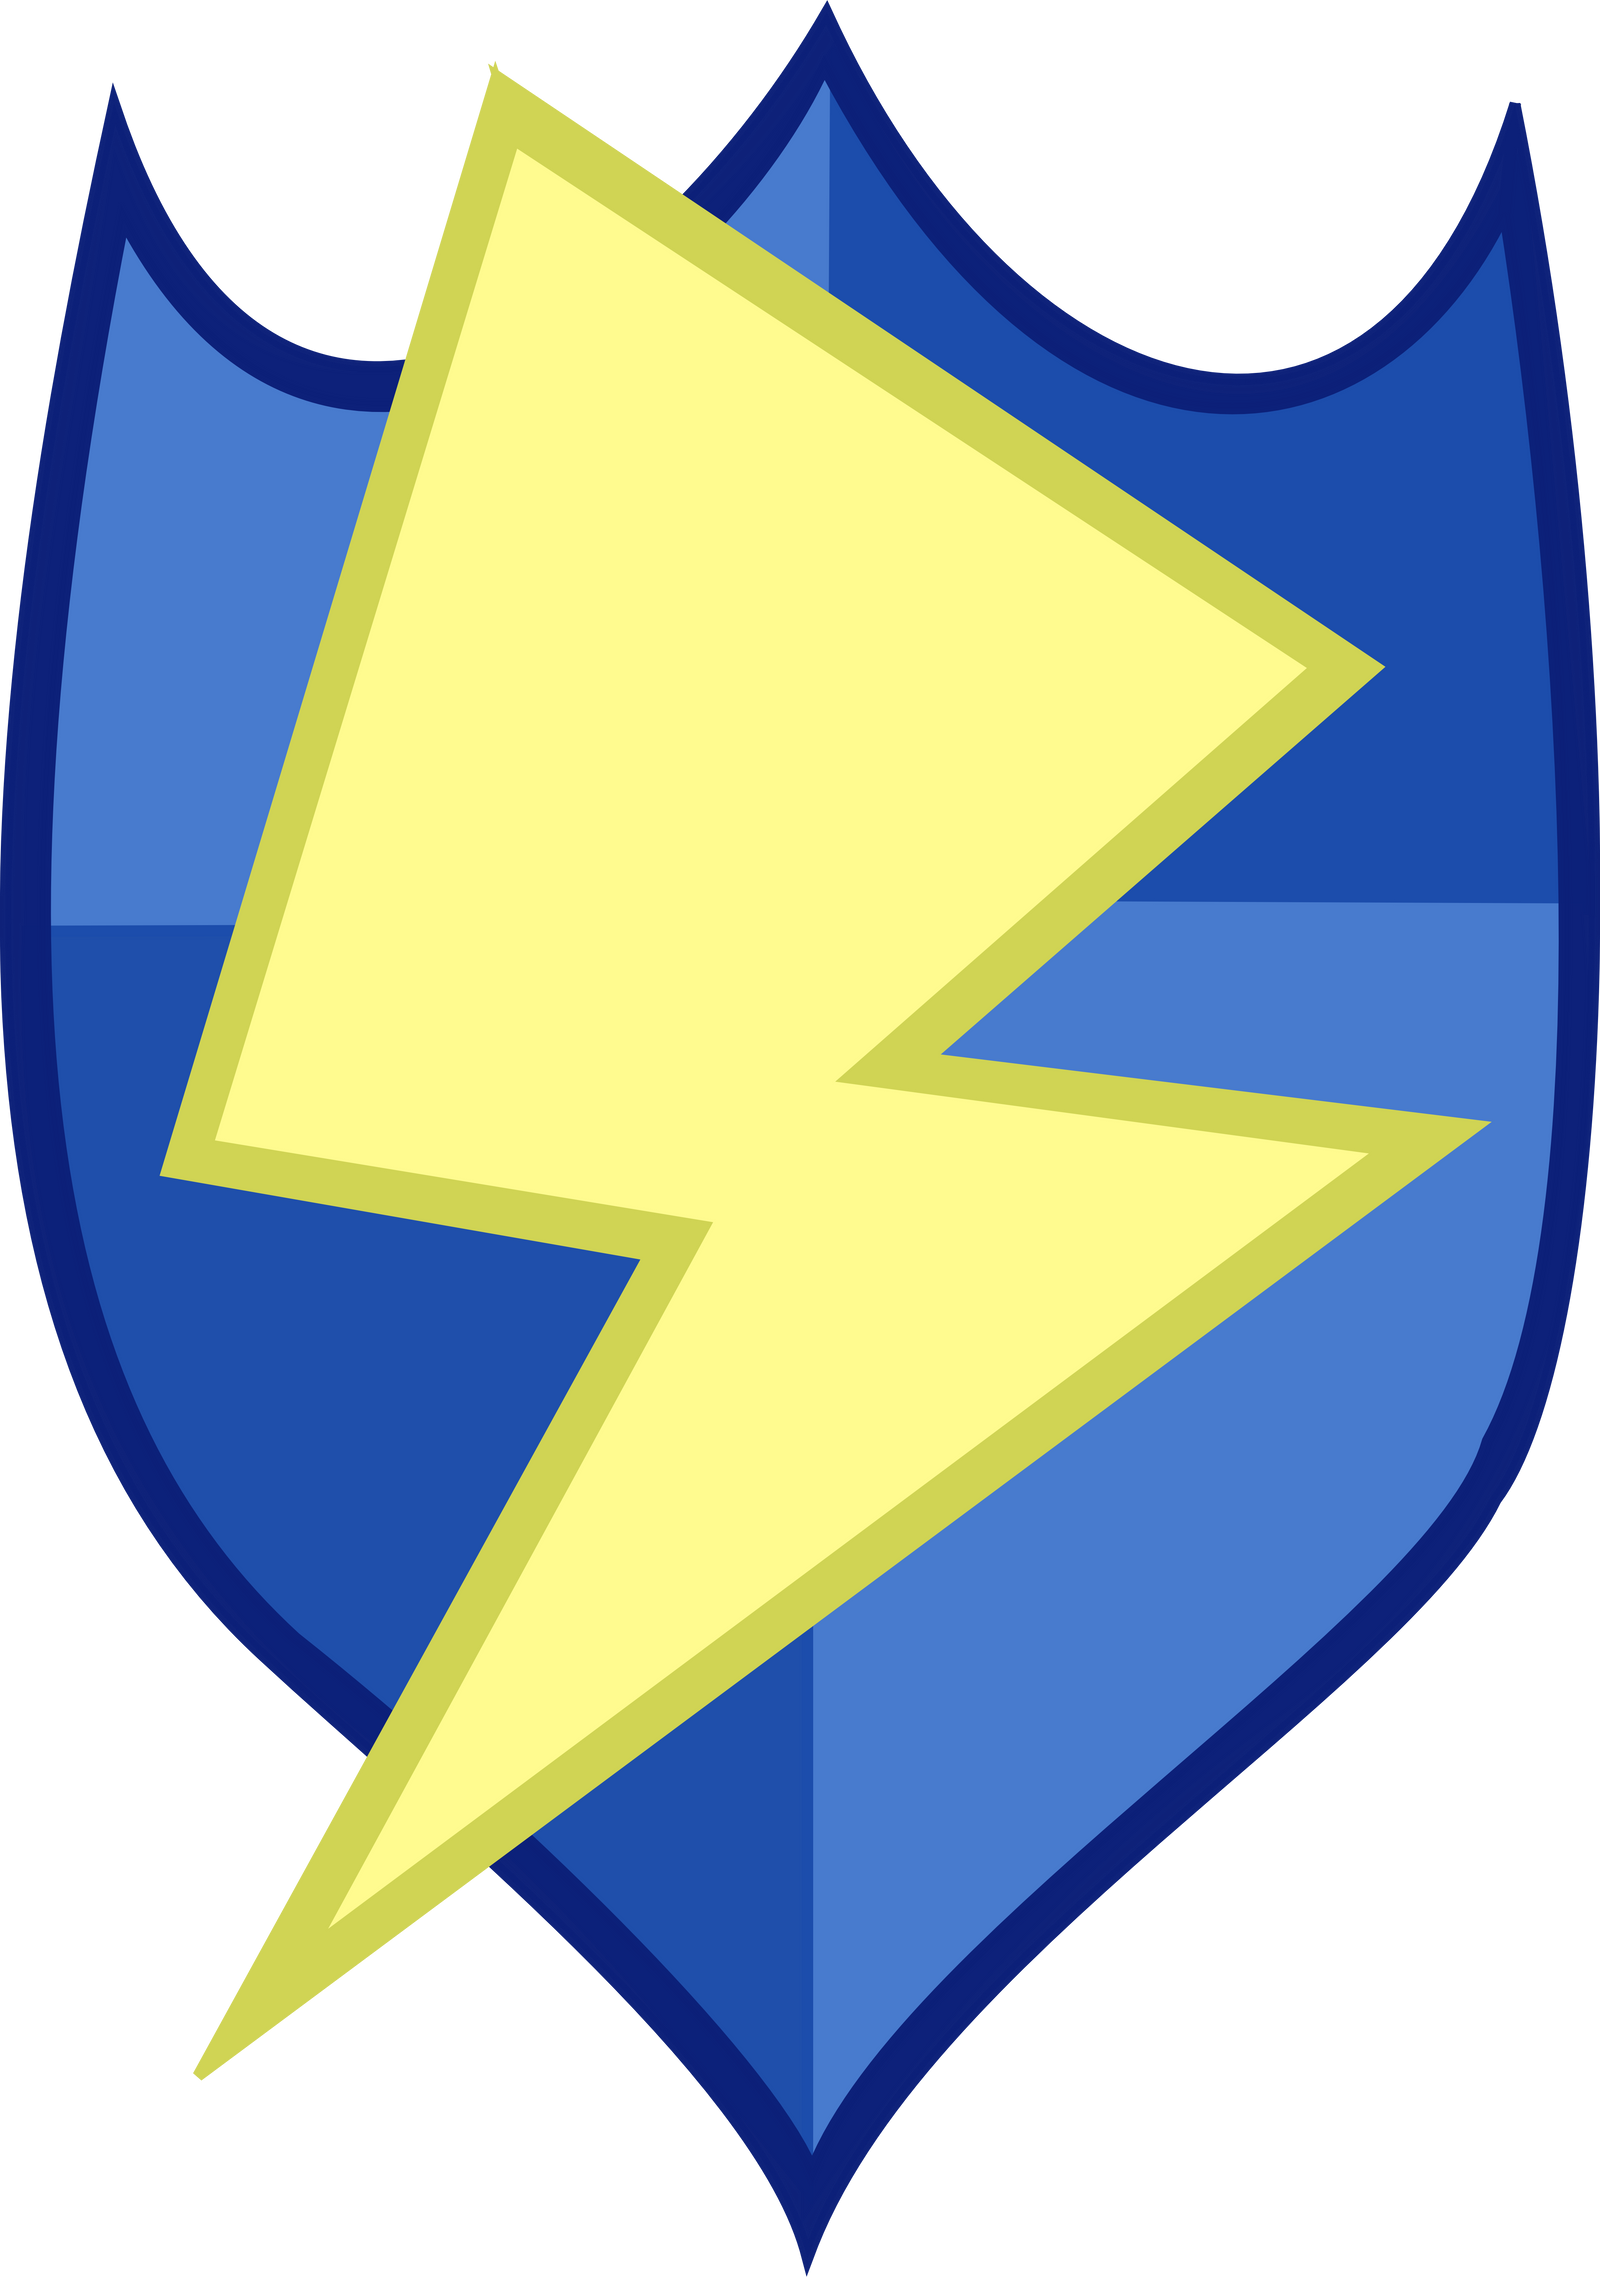 [COMPUTER] [VECTOR] Flash Sentry's cutie mark